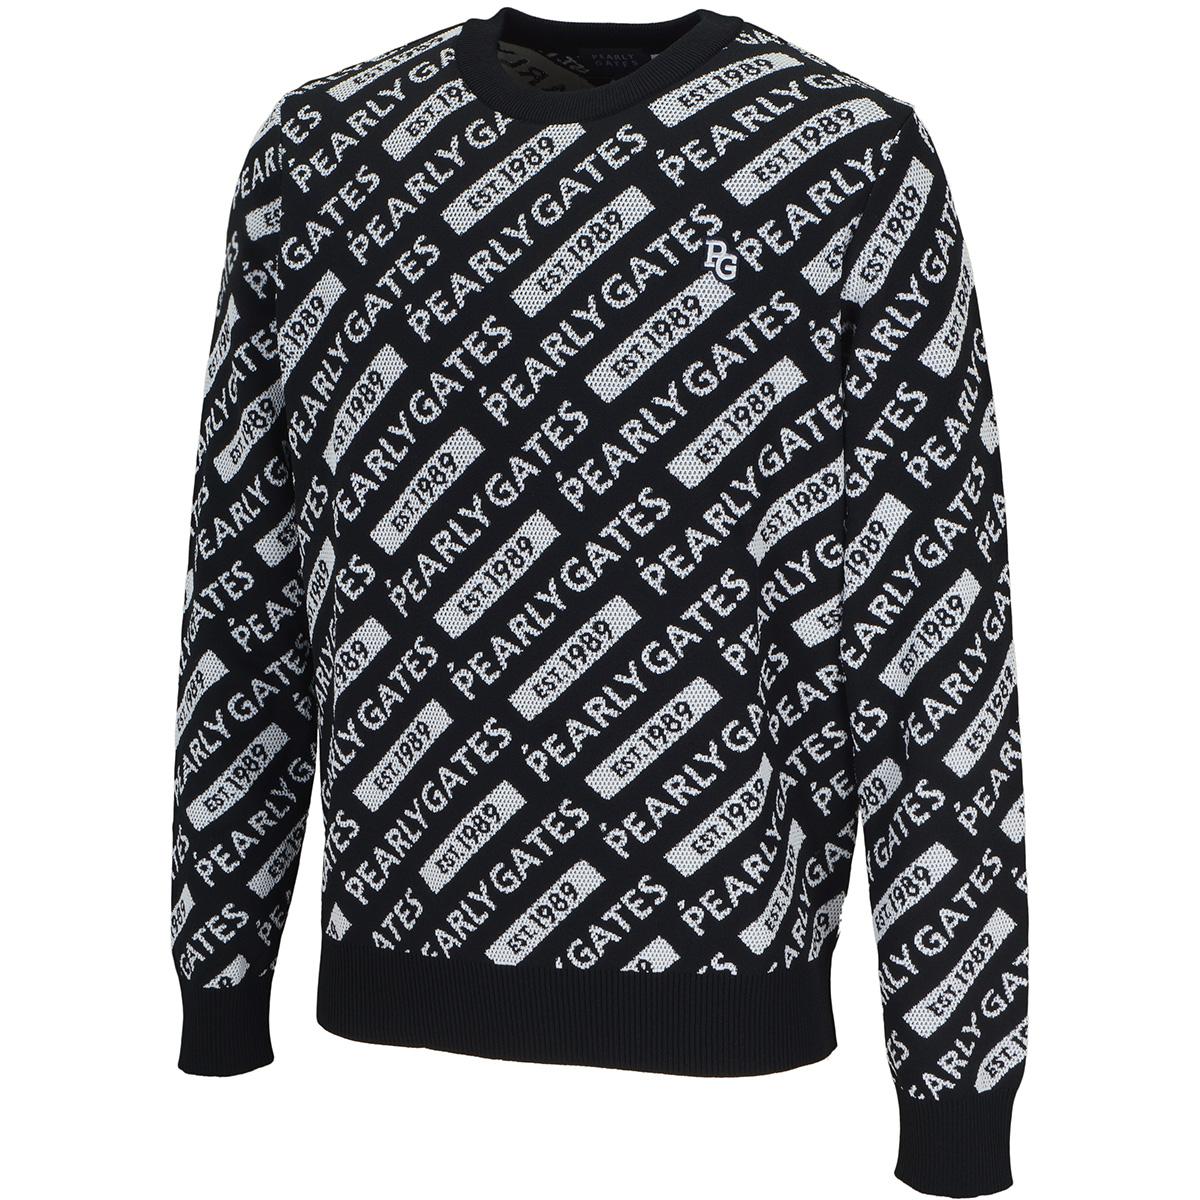 ロゴダブルジャカードセーター